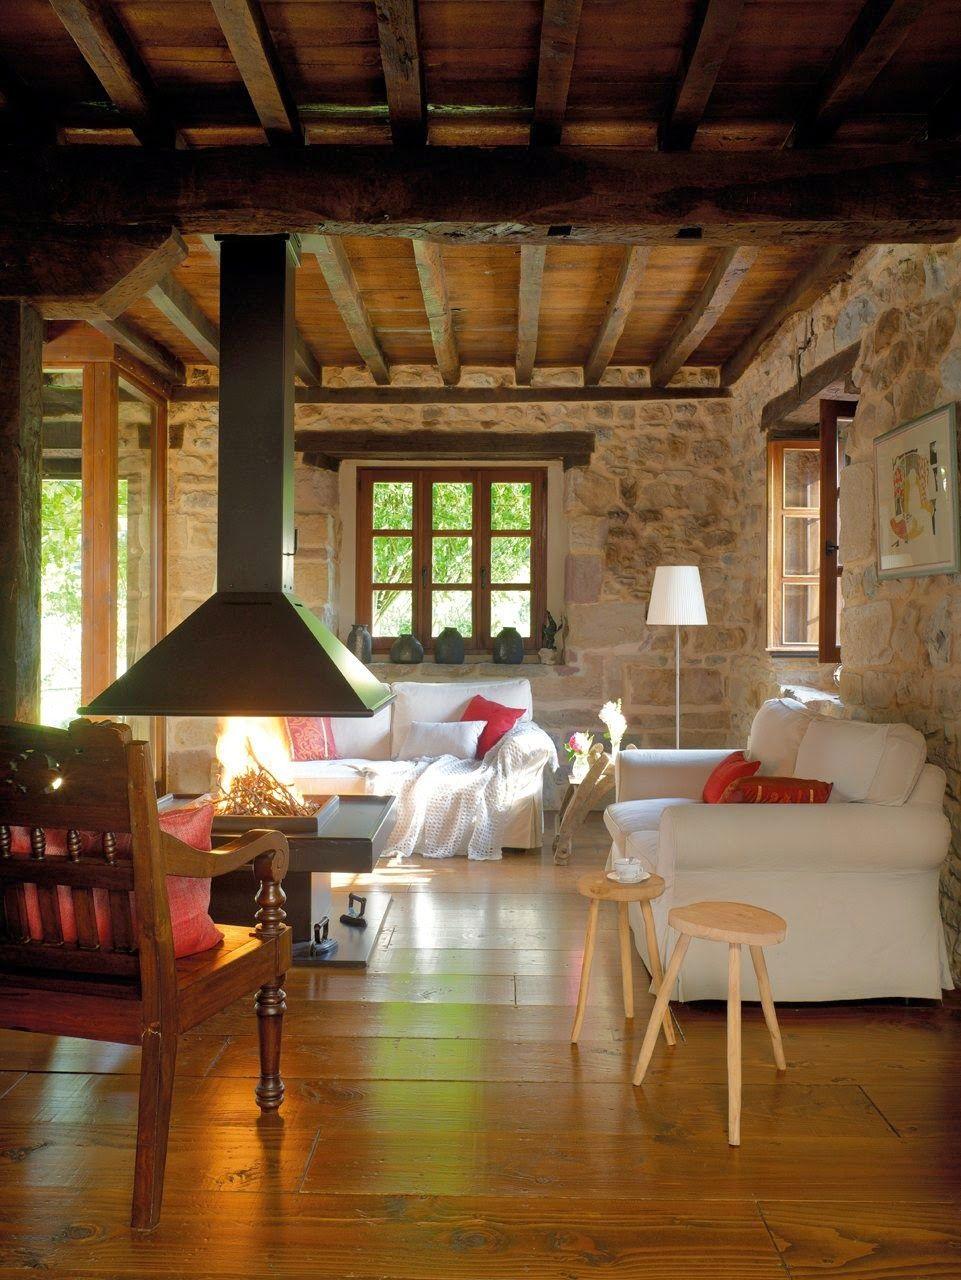 Salas r sticas forro parede de pedra e lareira central - Pared rustica interior ...